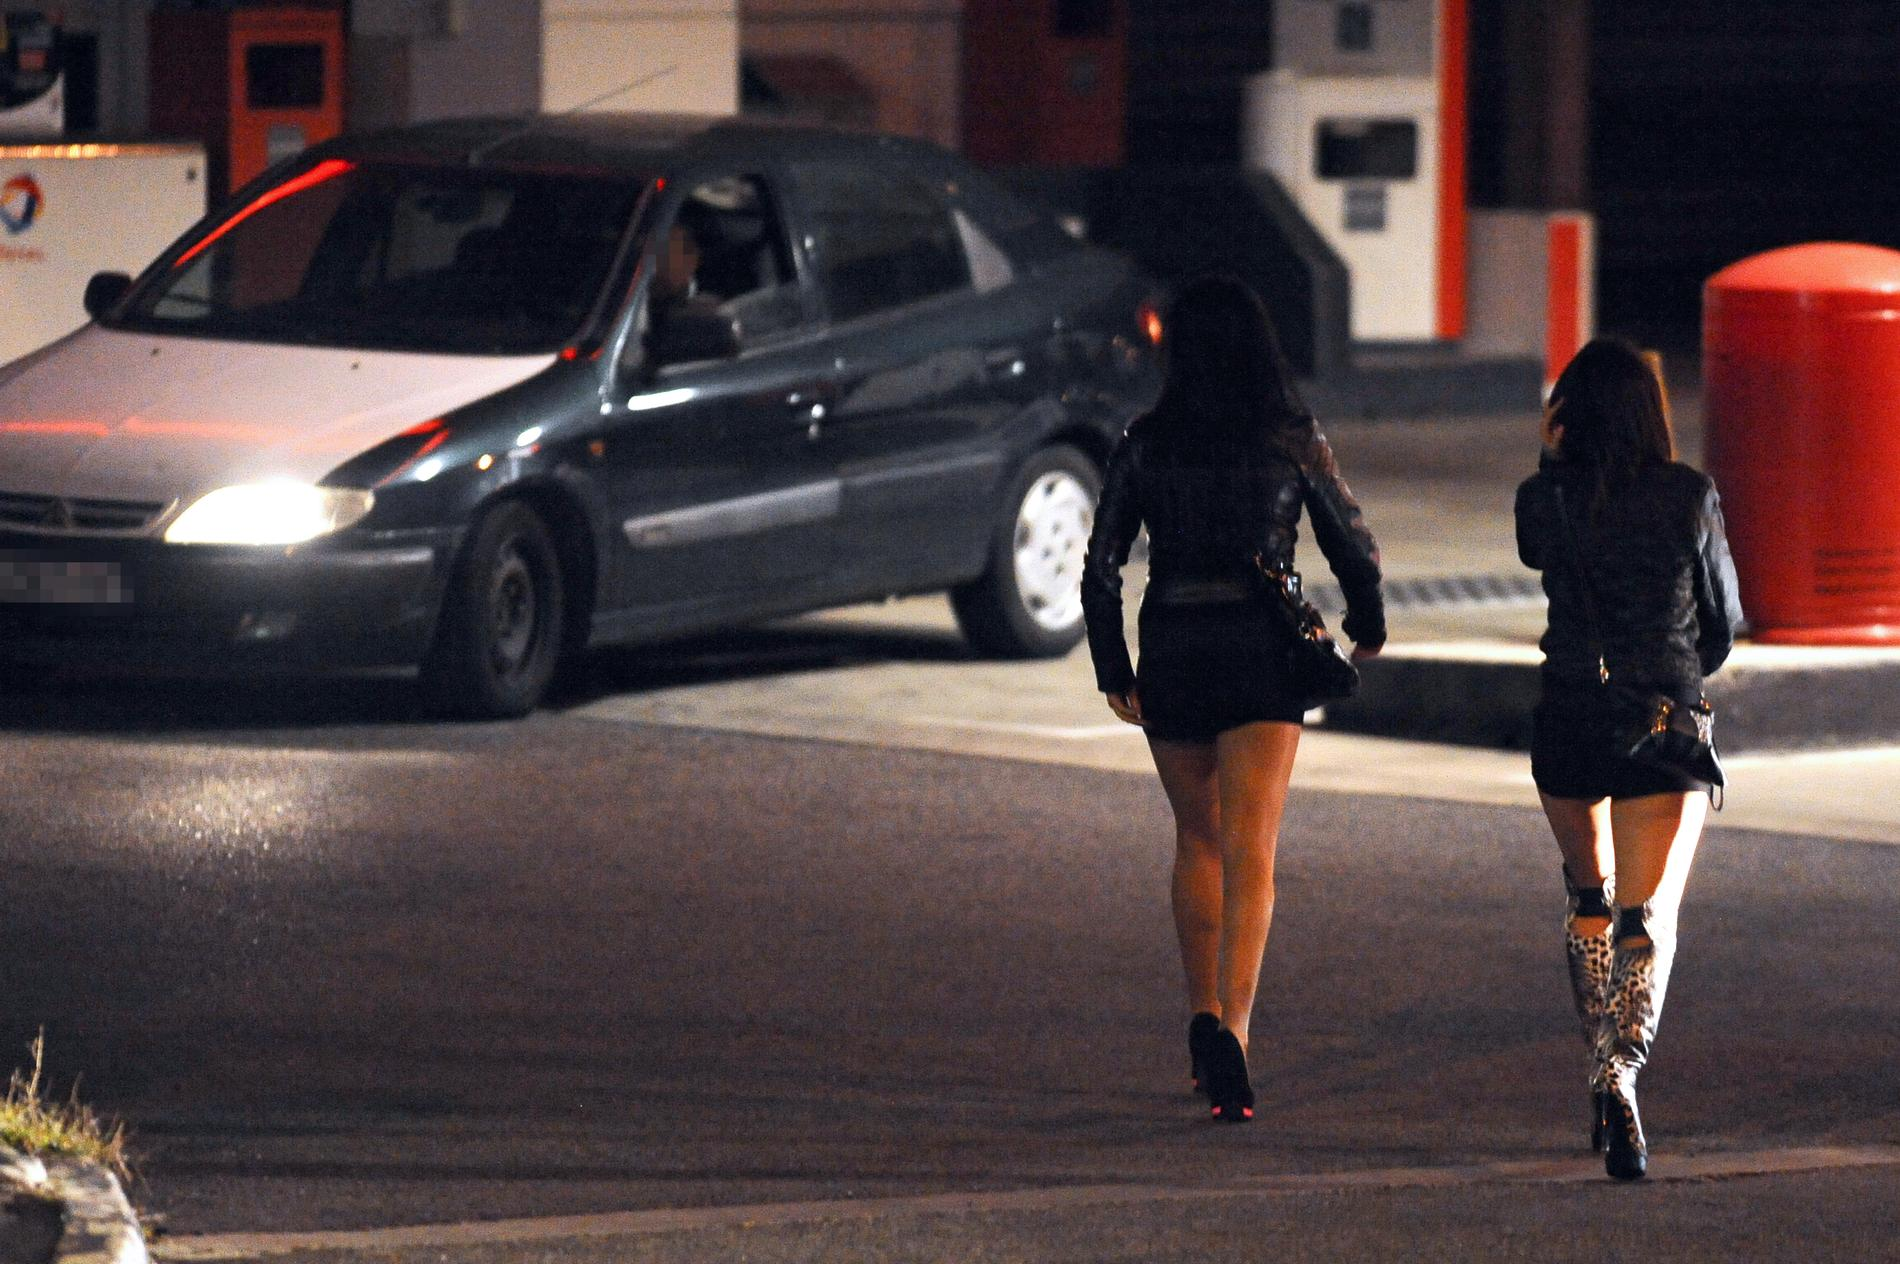 qui sont les clients des prostituees